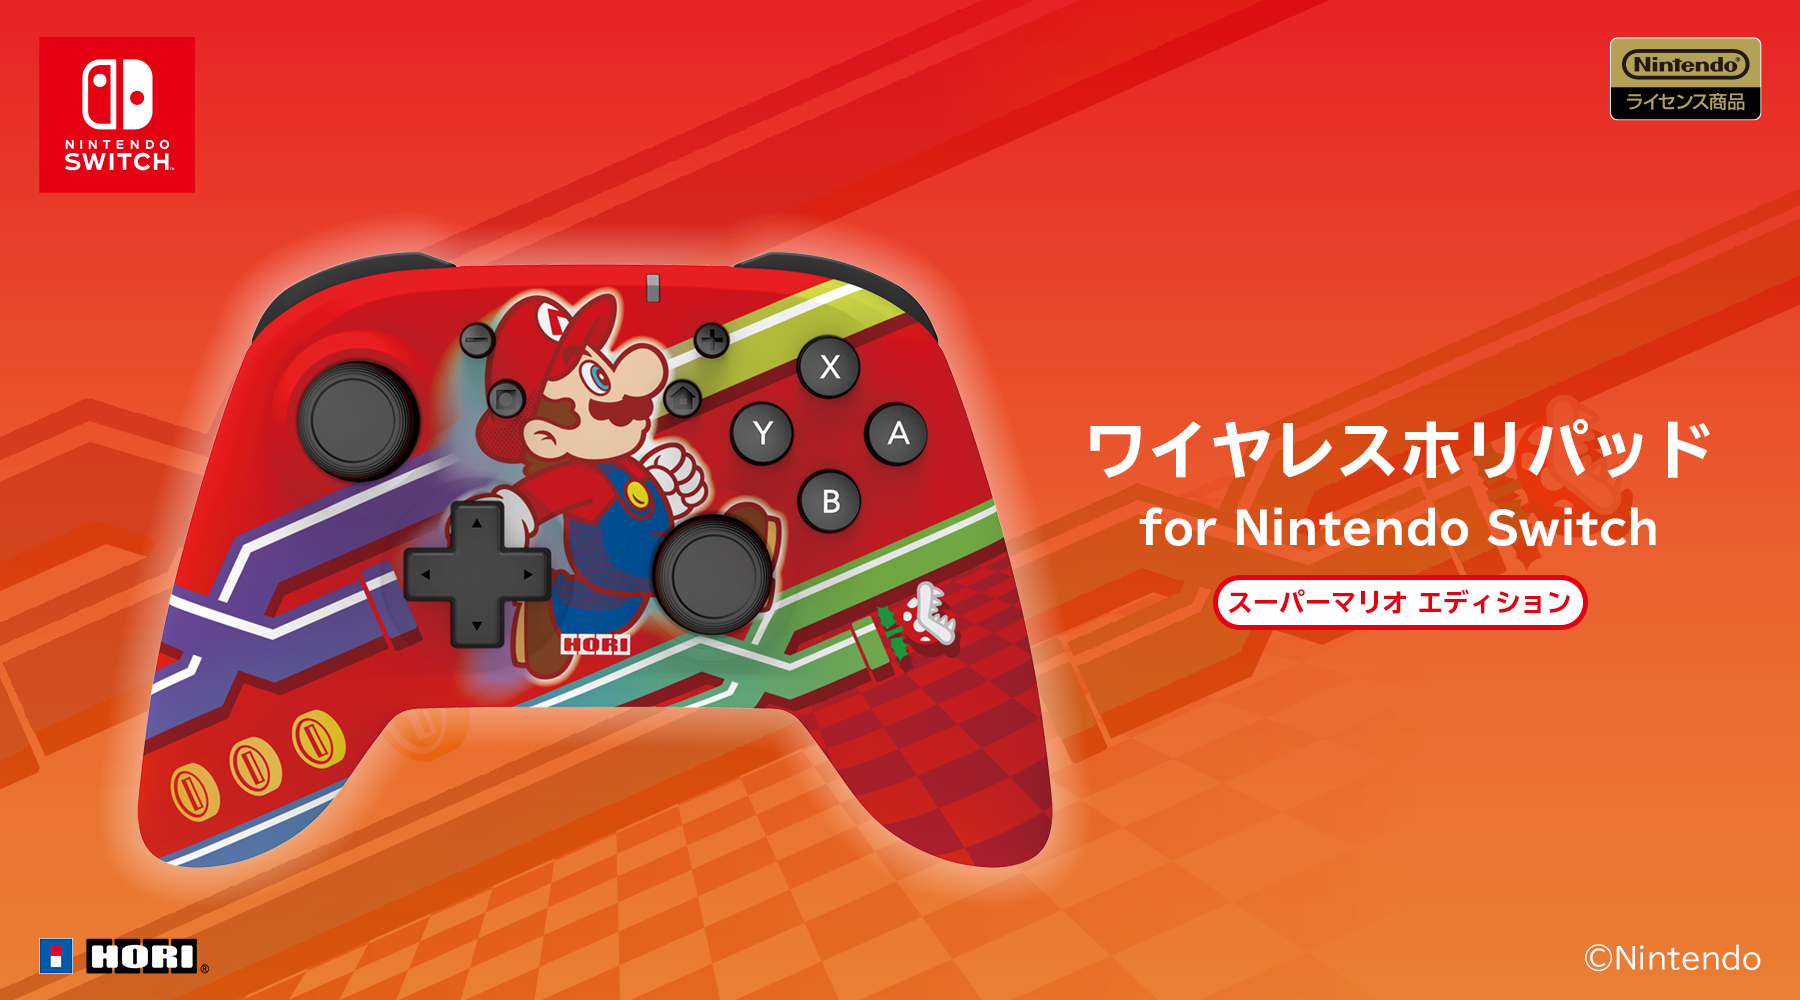 ワイヤレスホリパッド for Nintendo Switch スーパーマリオ エディションが登場!